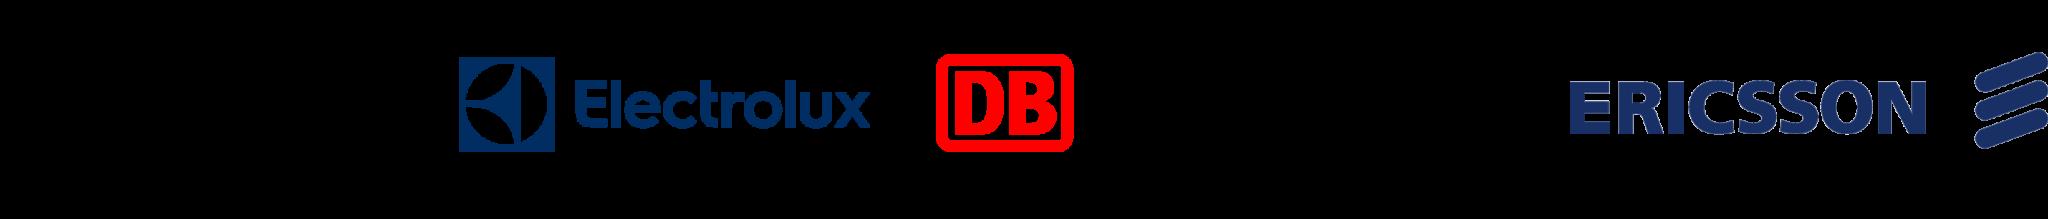 logobarcolorright